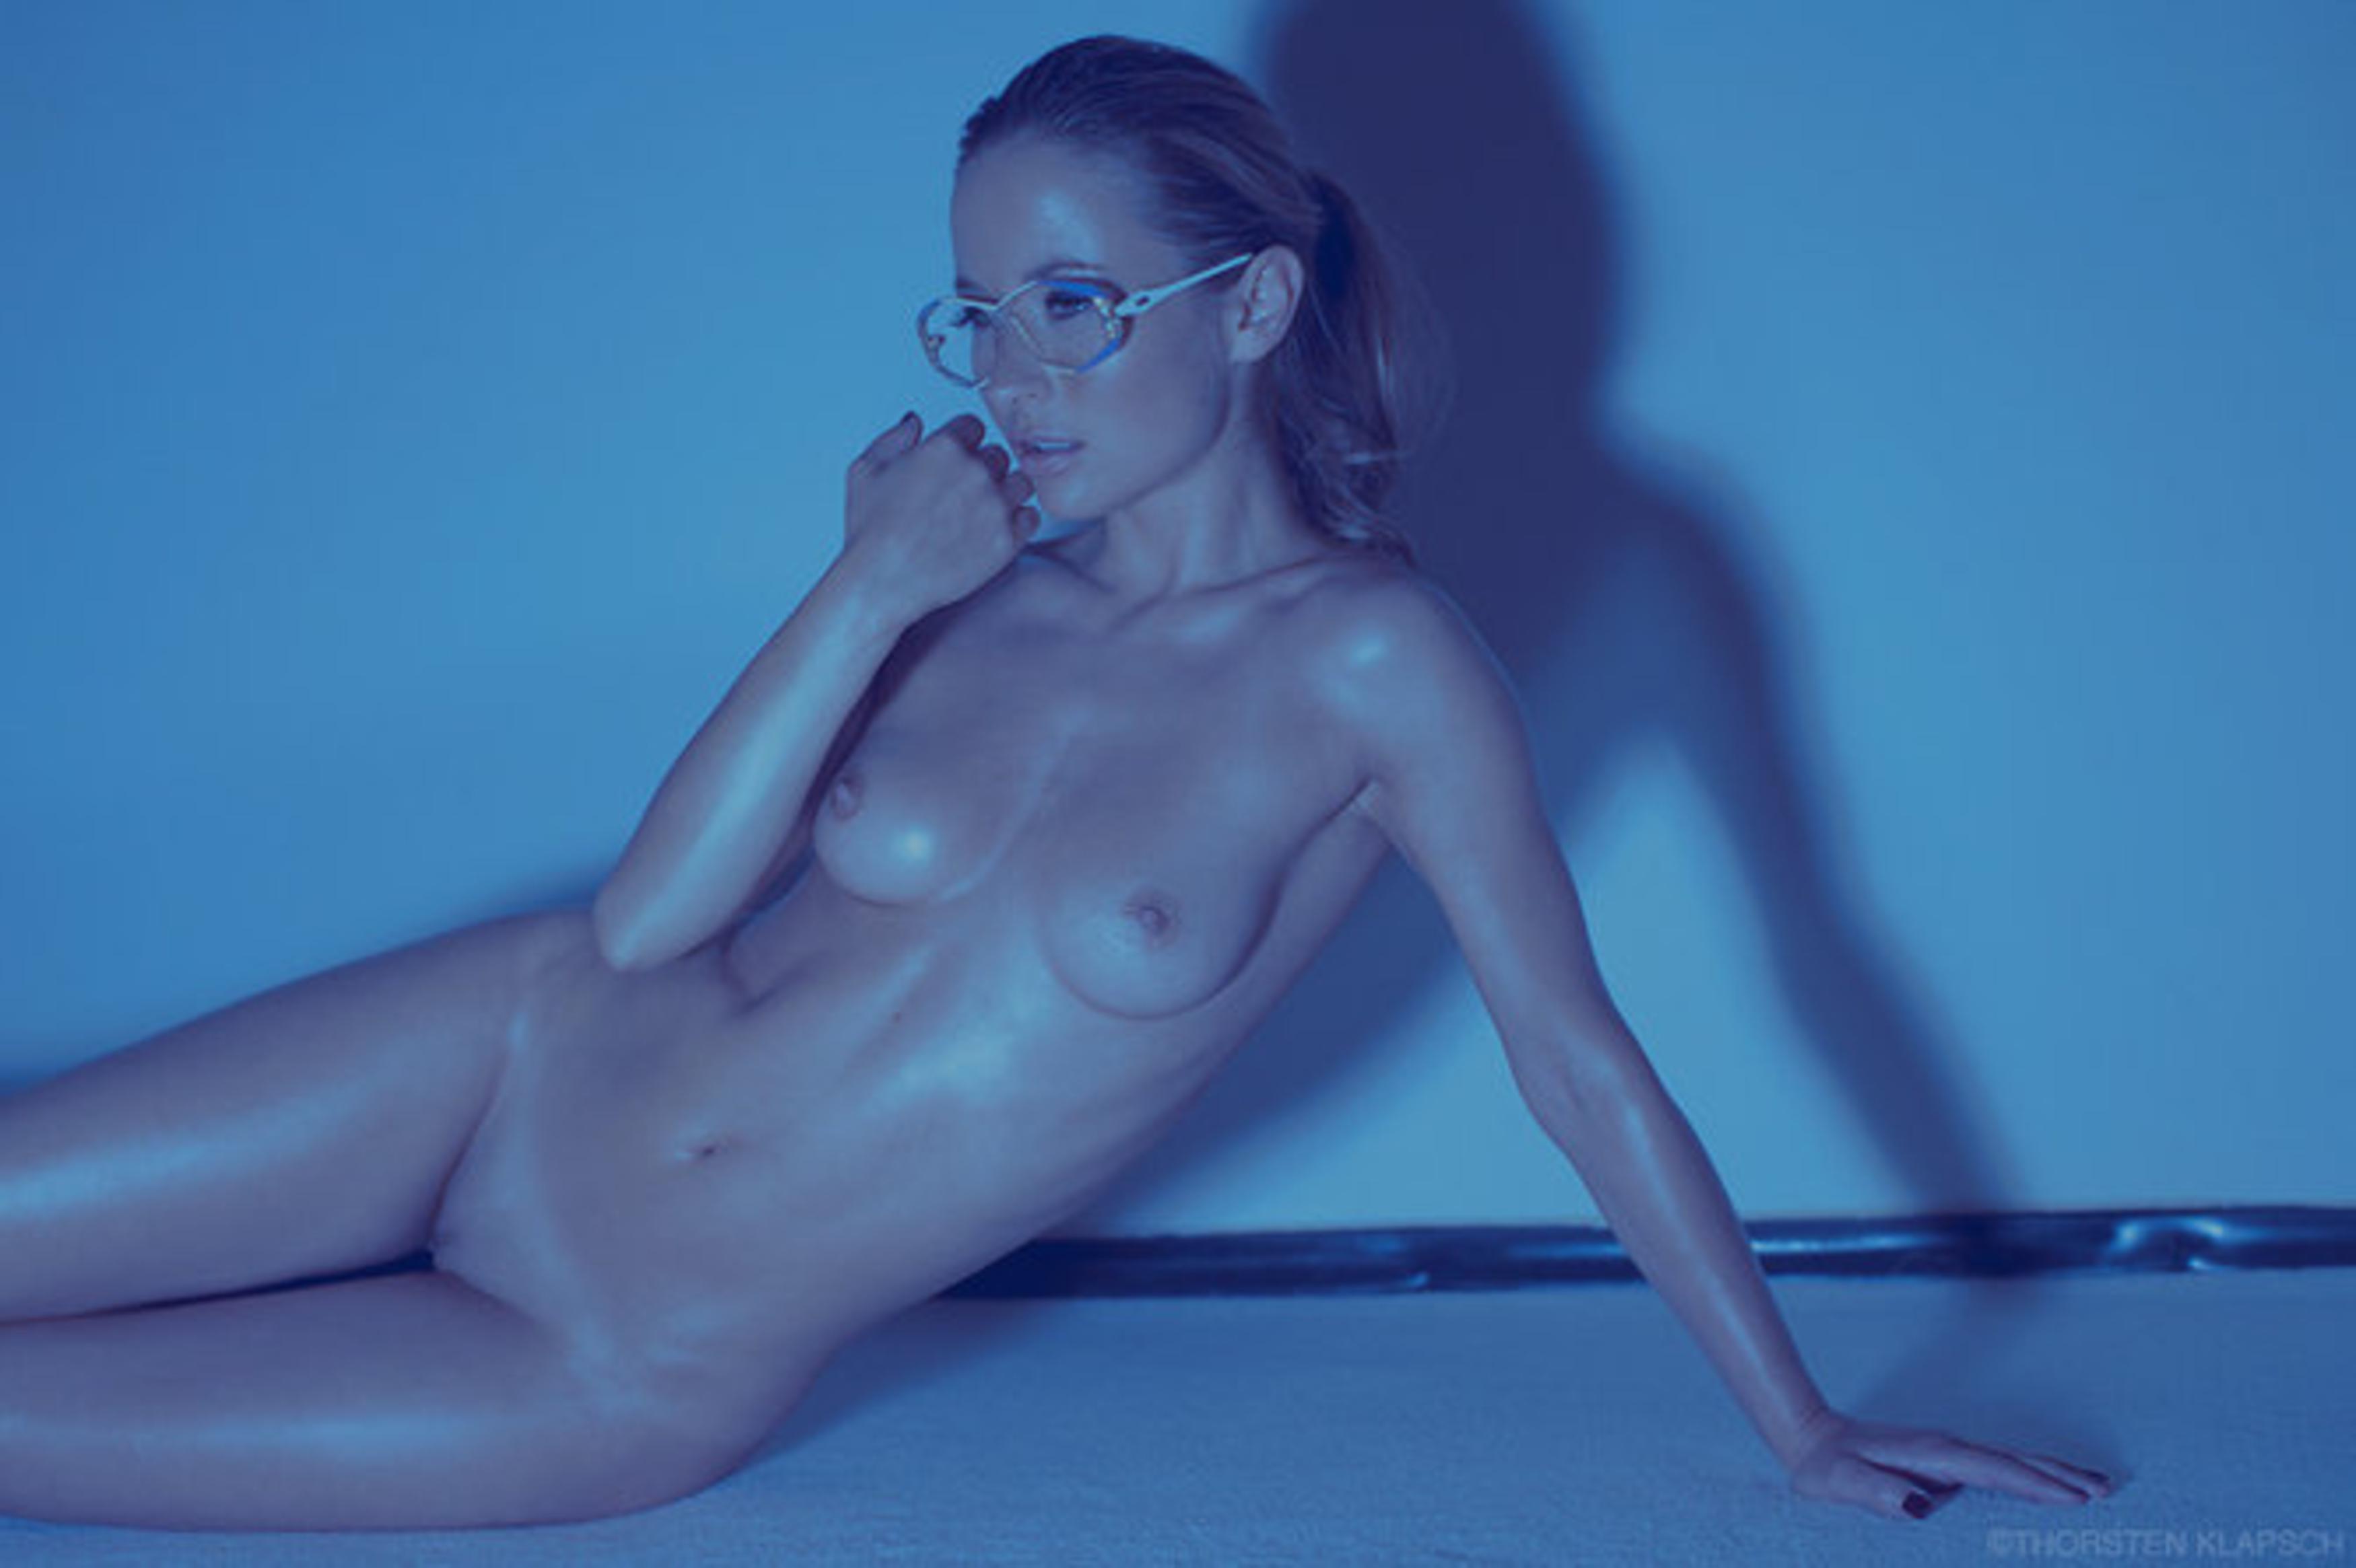 Эротика красивых девушек в очках 9 фотография